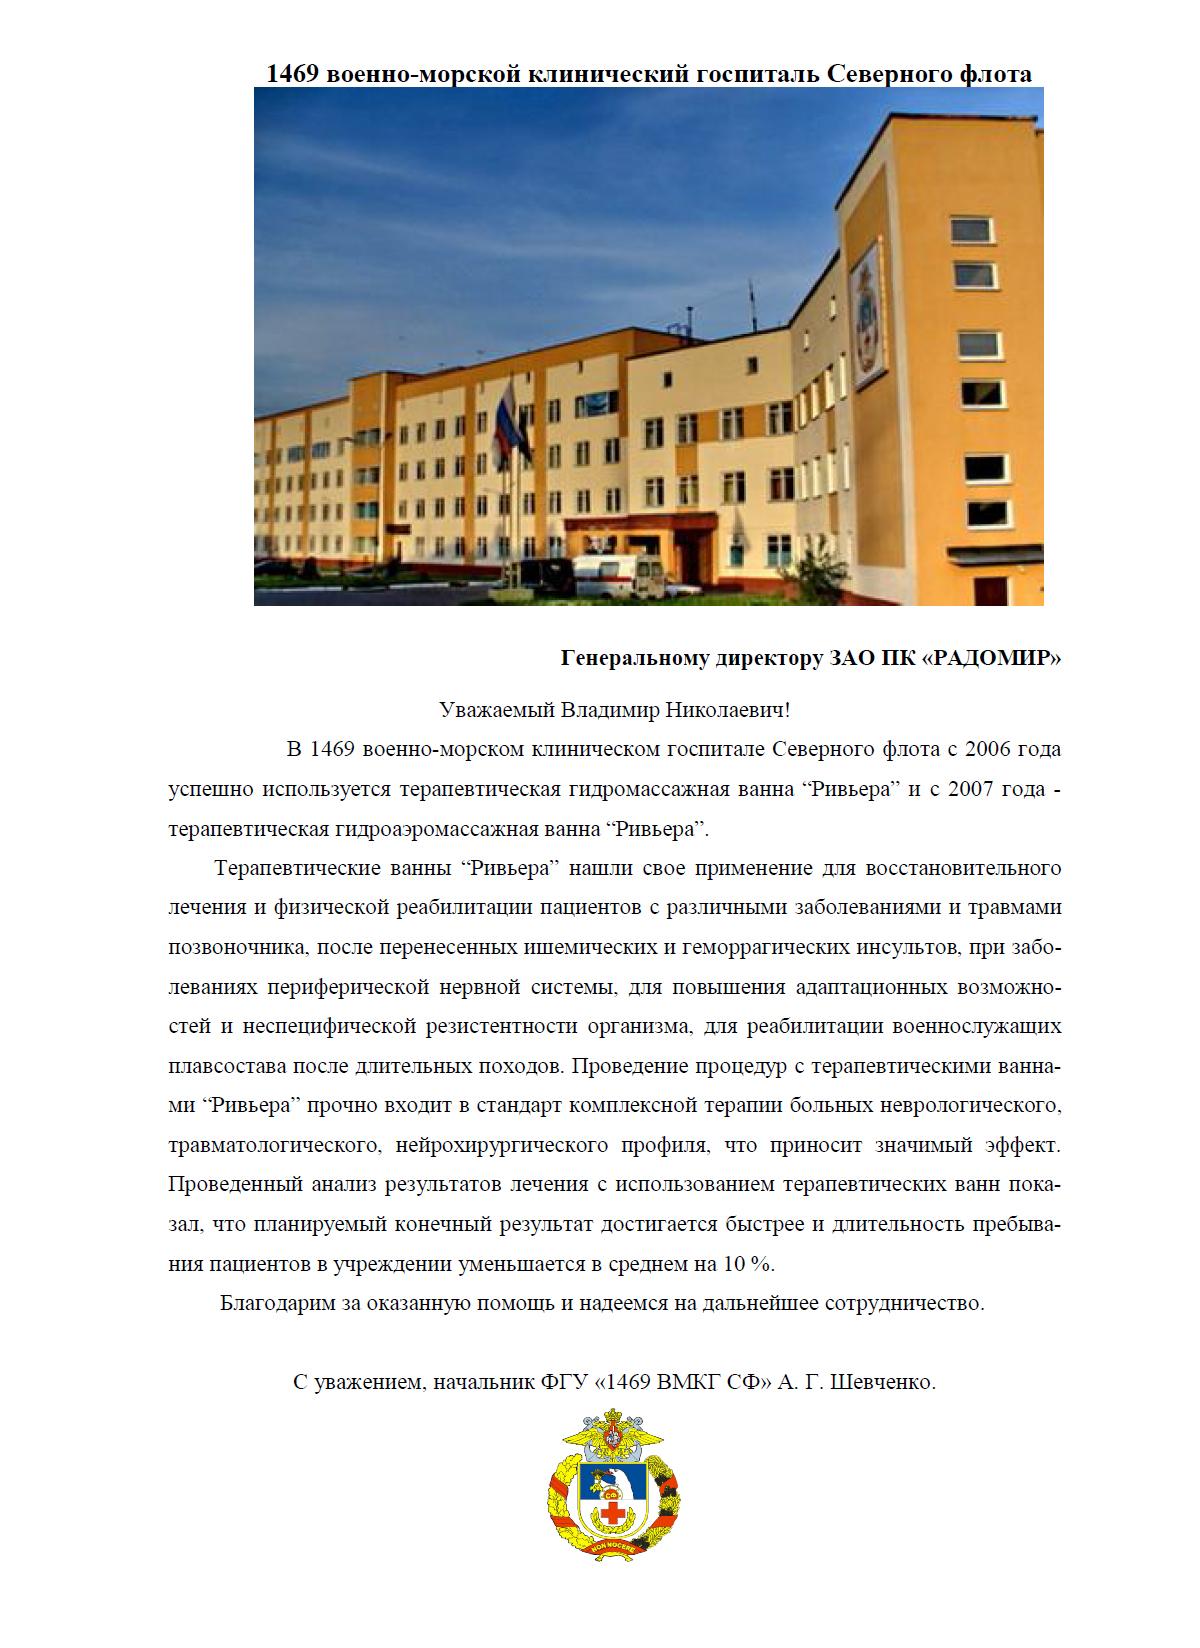 Благодарственное письмо от Шевченко А.Г. (военно-морской клинический госпиталь Северного флота